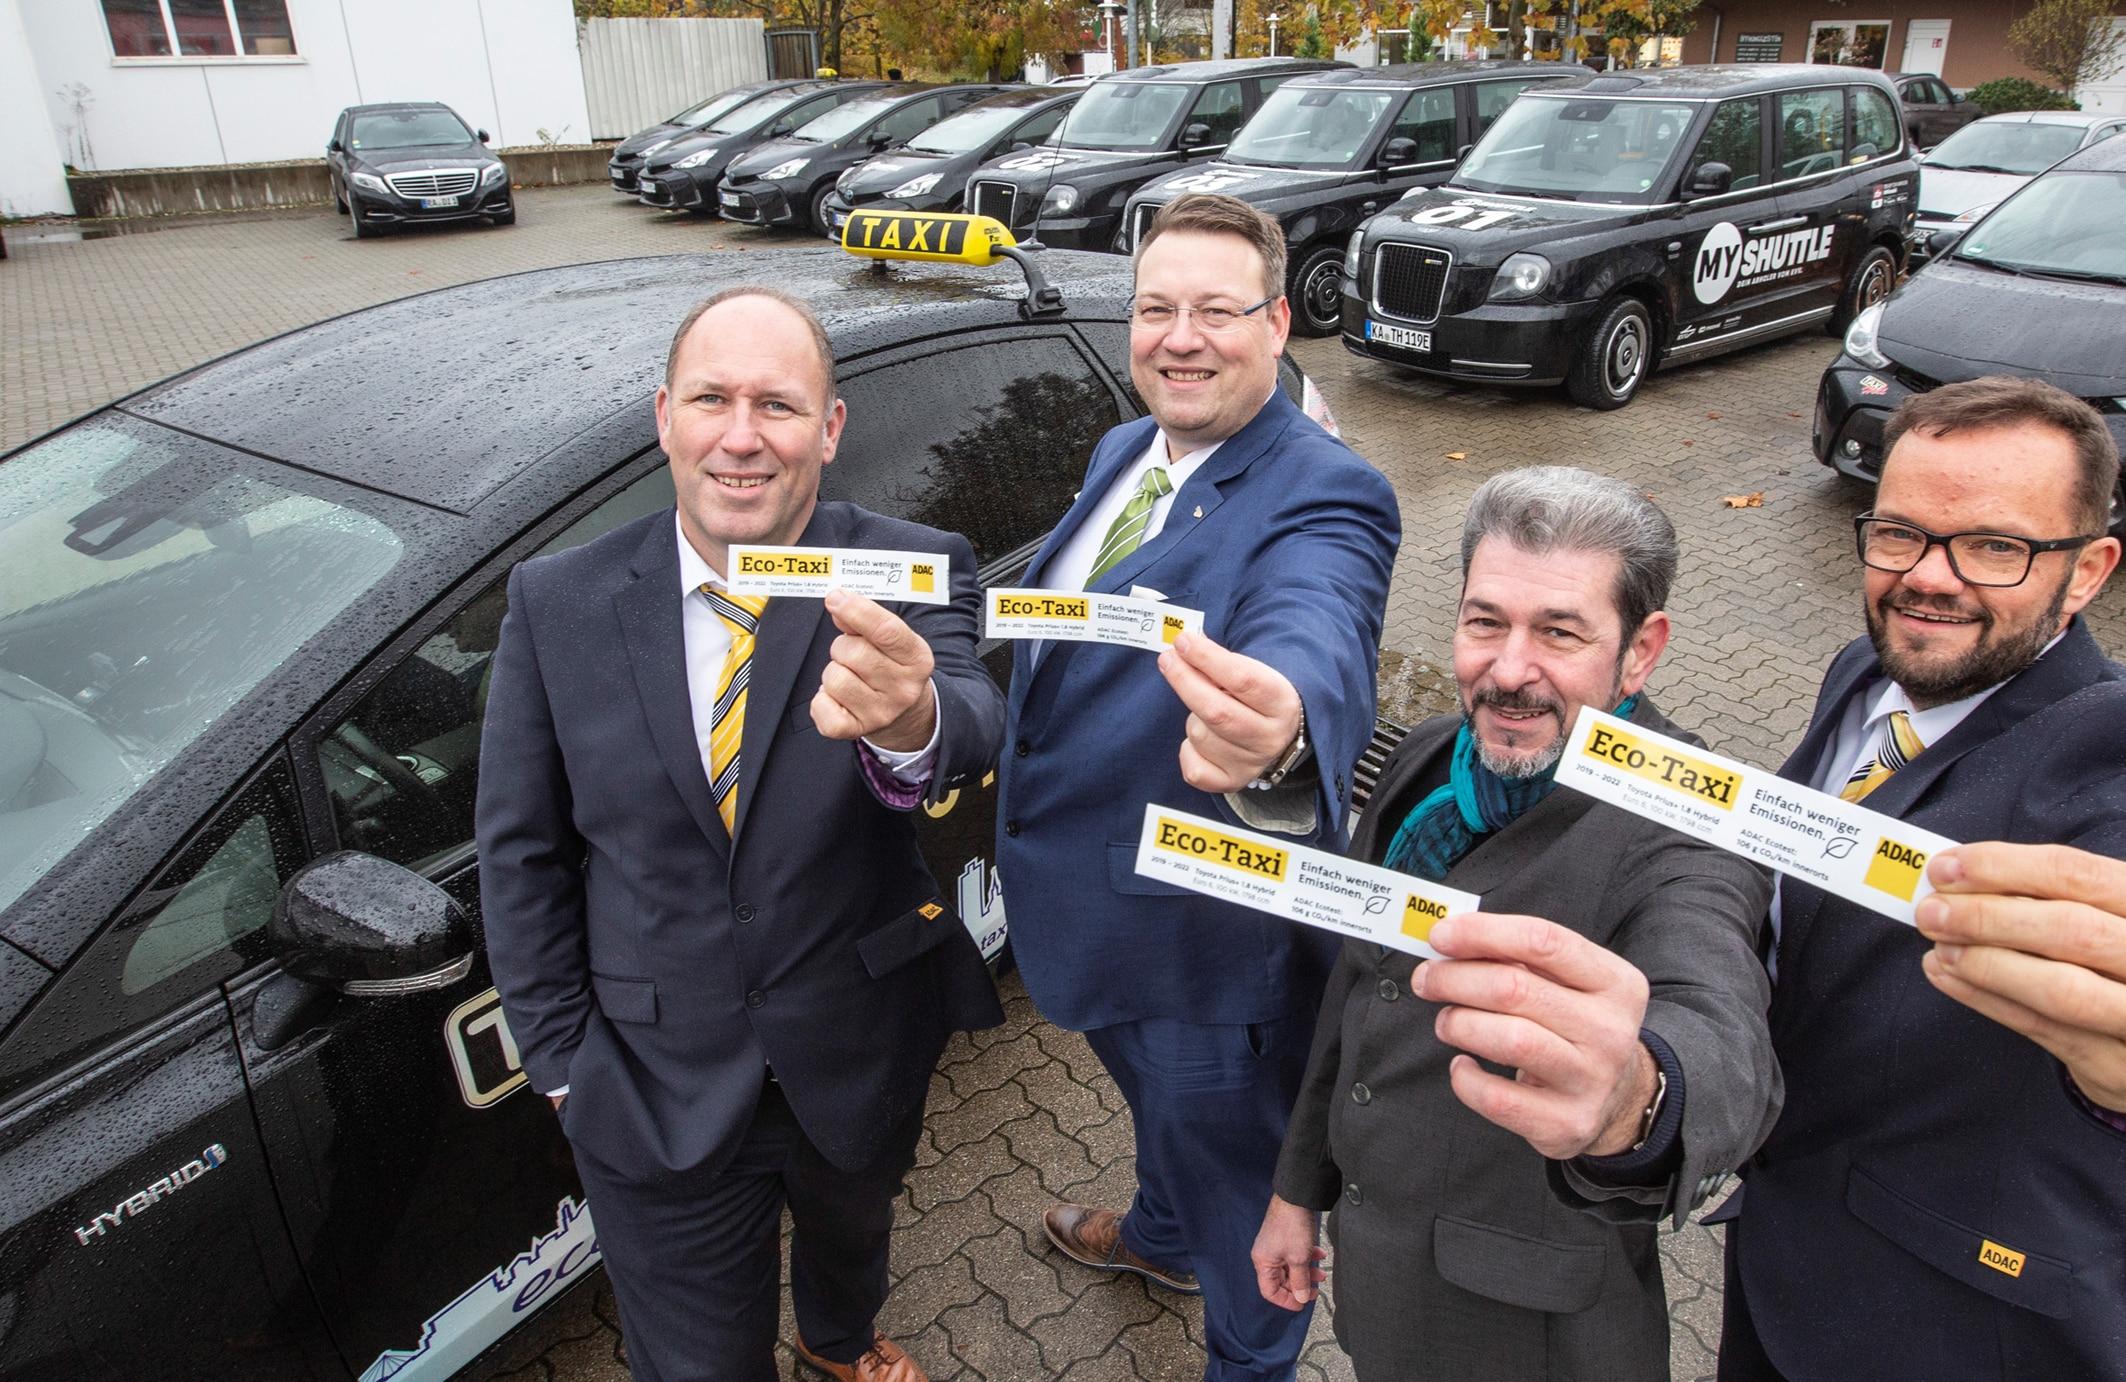 Foto Fabry, kostenfrei im Rahmen der Berichterstattung zu ADAC Eco-Taxi in Karlsruhe